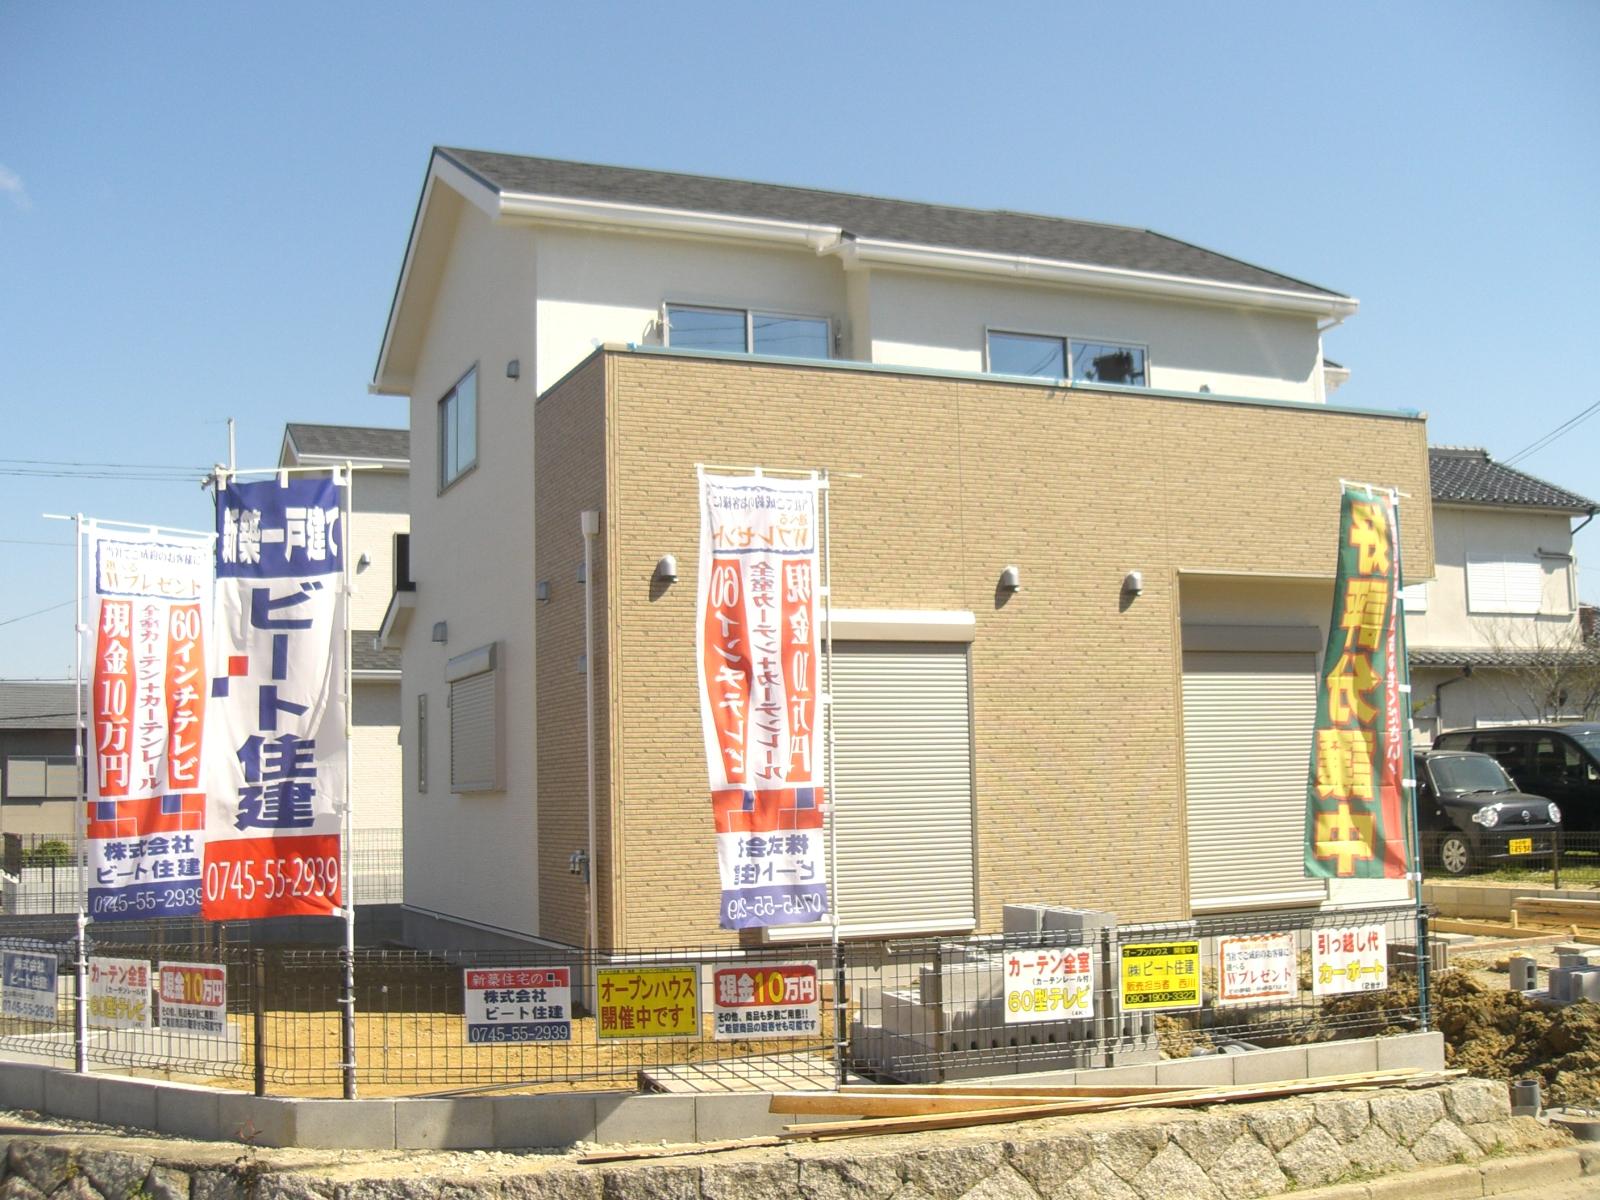 川合町 泉台 新築 全2棟 内覧可能です。